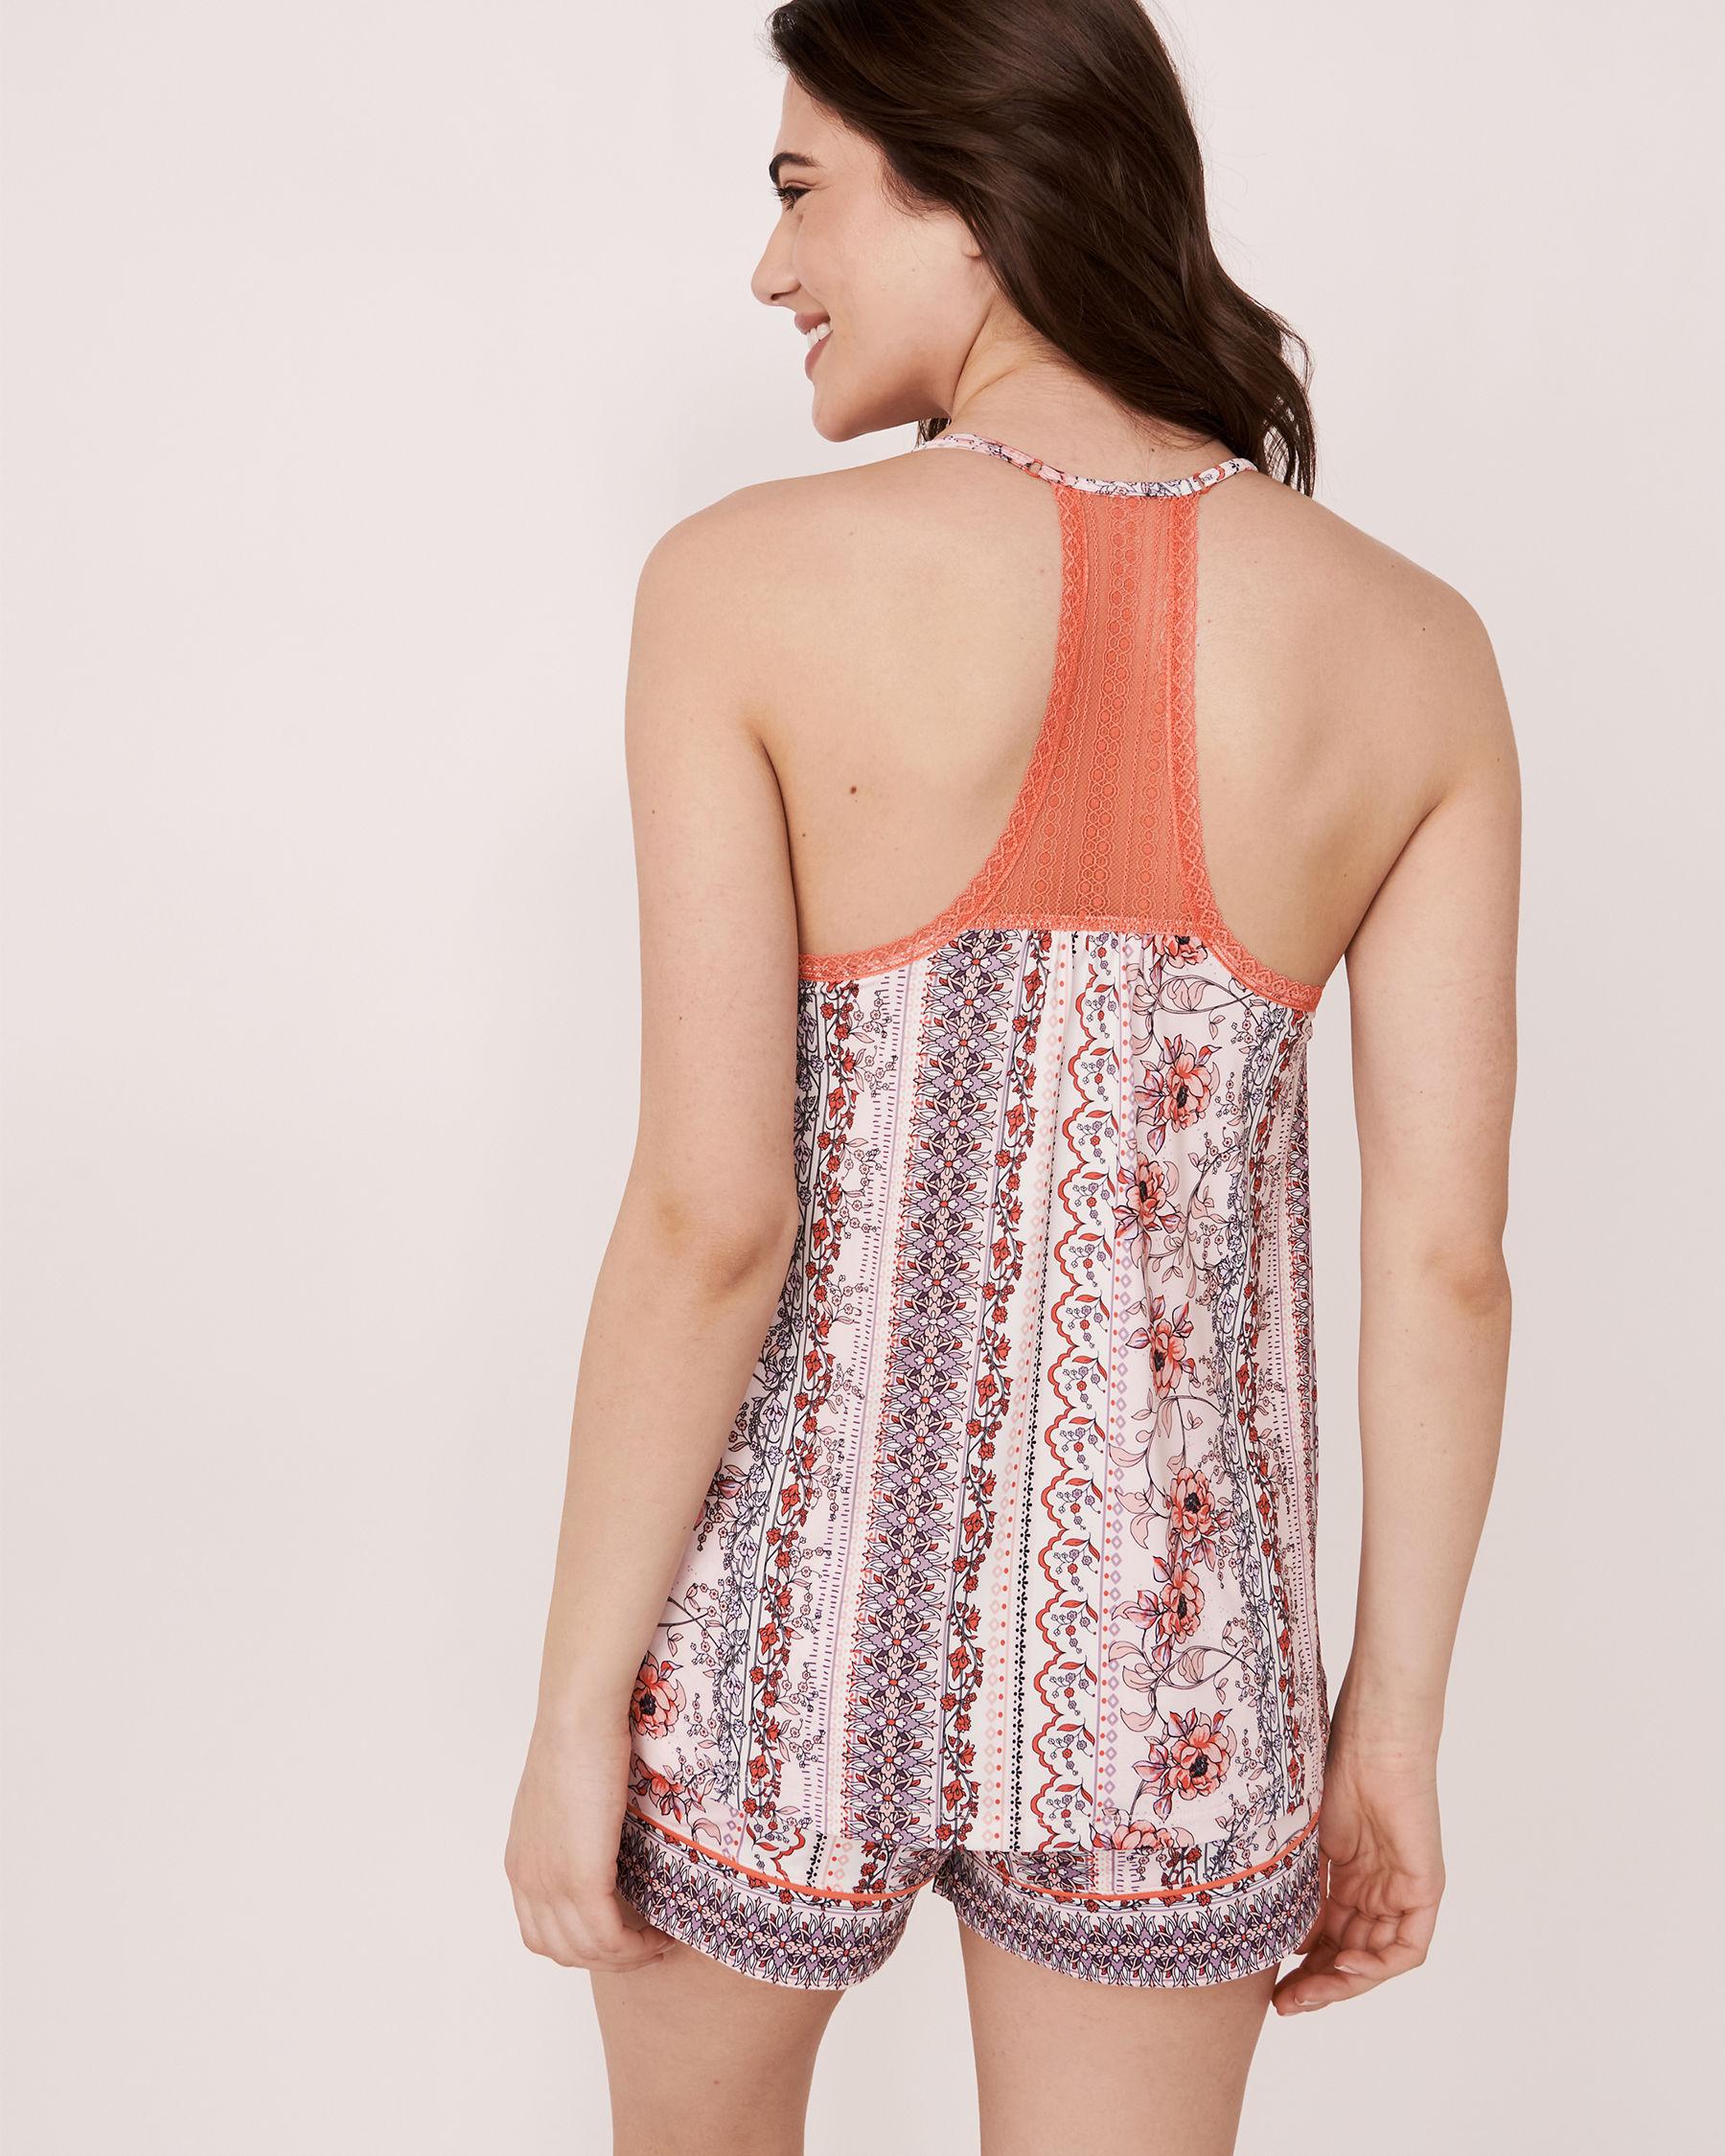 LA VIE EN ROSE Camisole dos nageur en dentelle en fibres recyclées Imprimé fleuri vertical 40100060 - Voir2